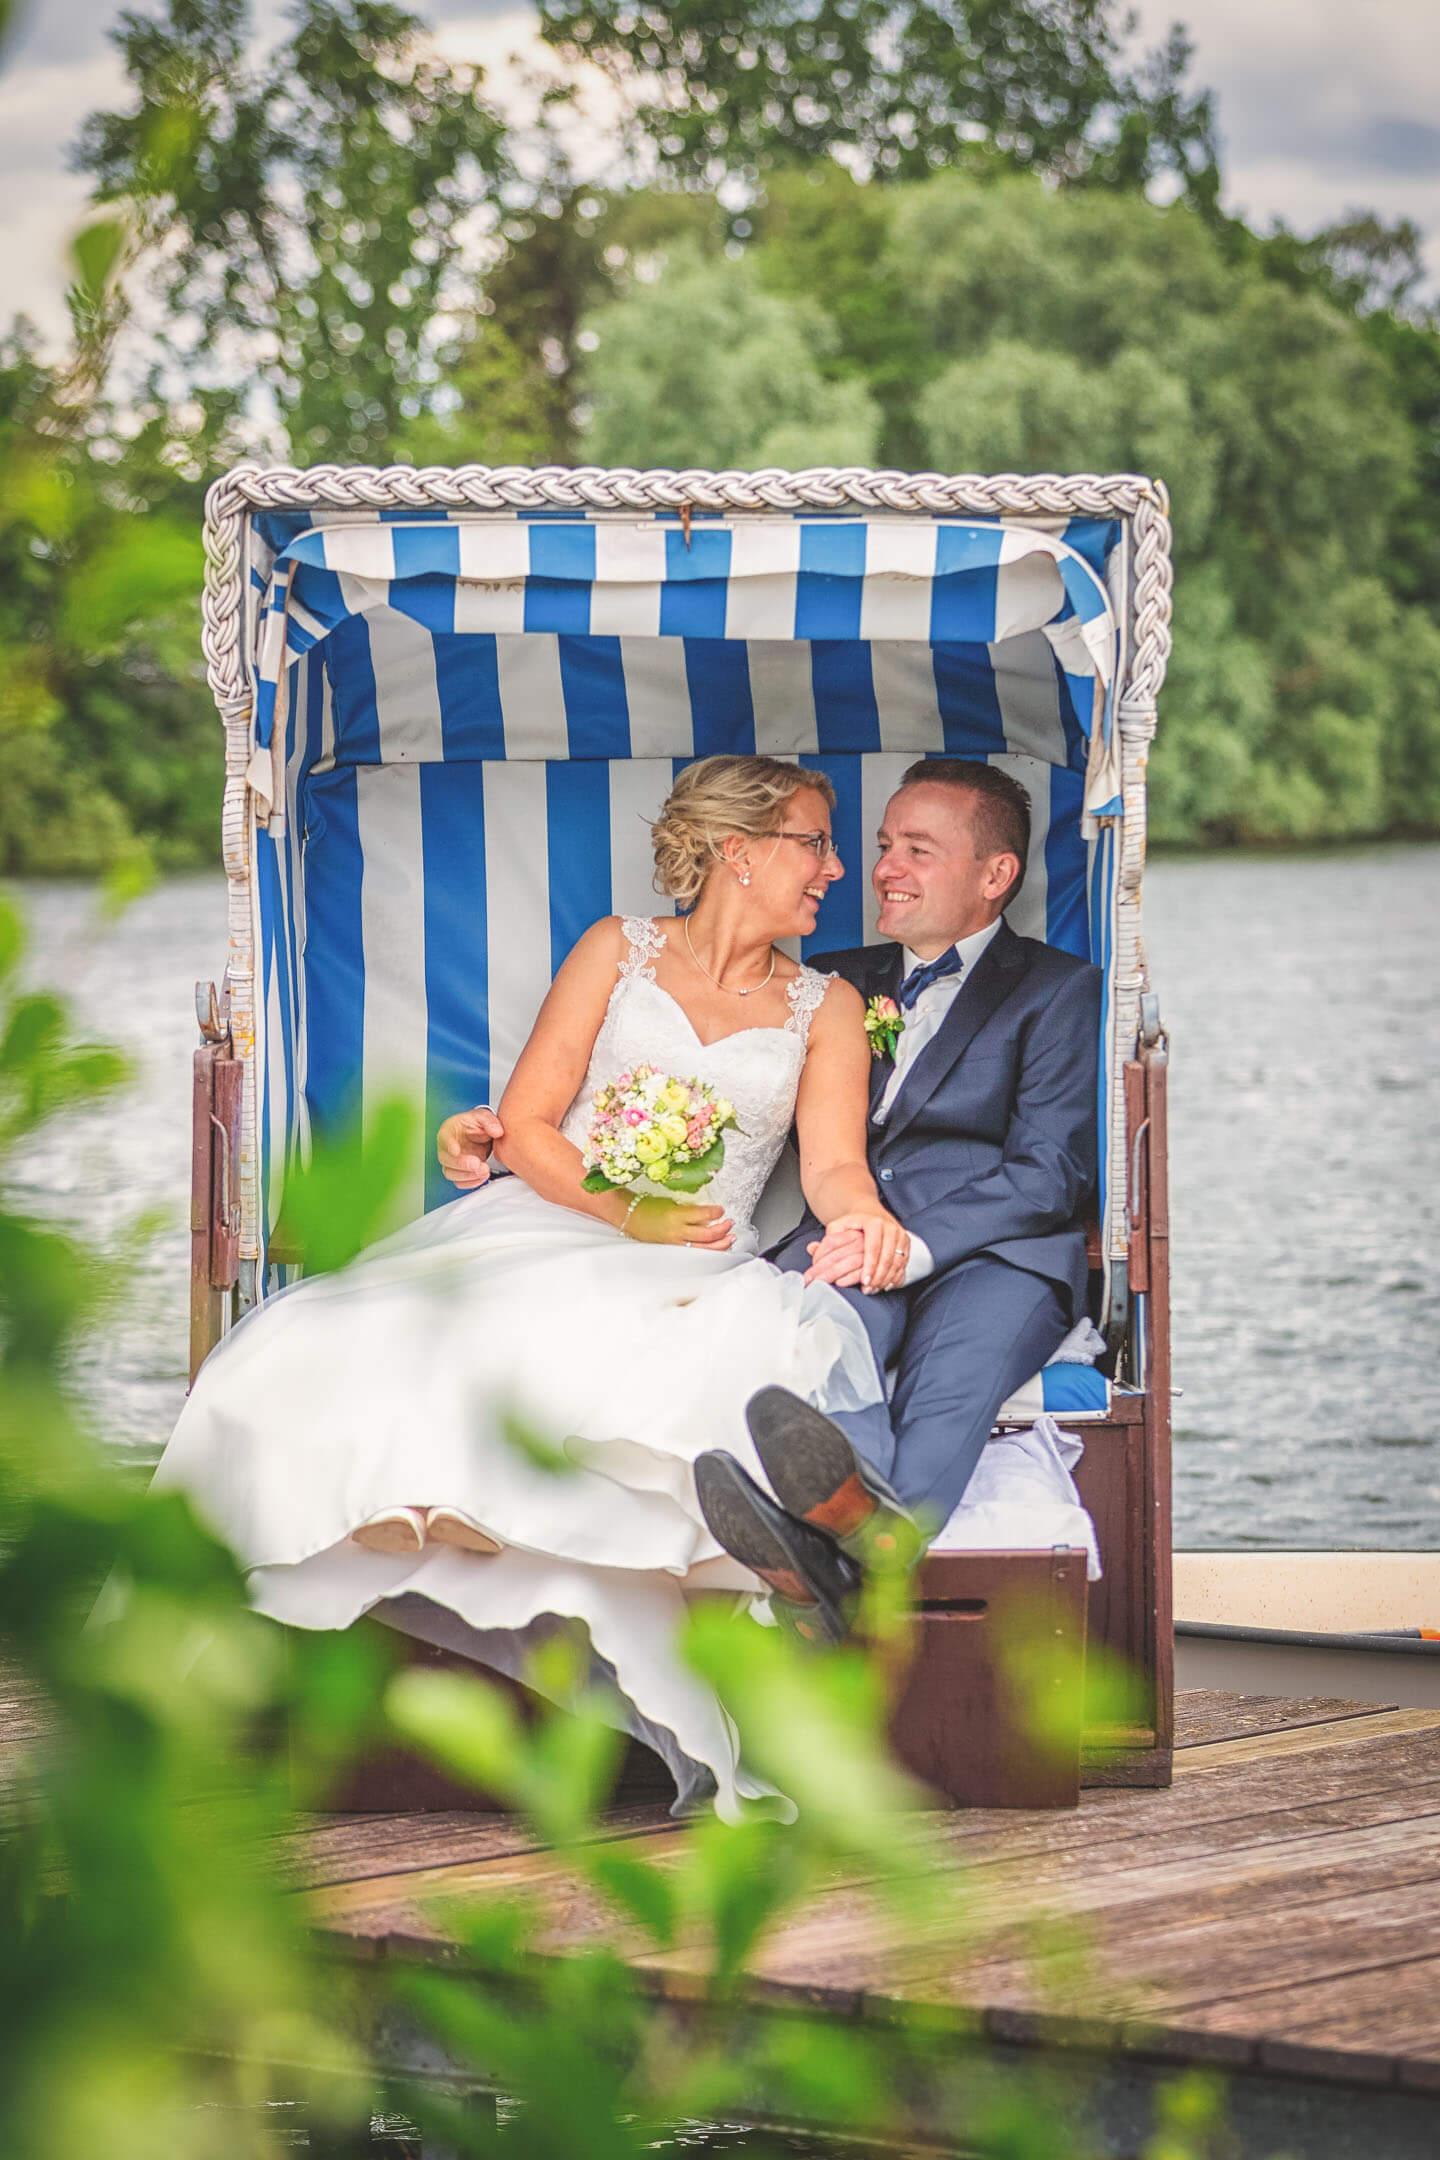 Hochzeitsfotos im Strandkorb